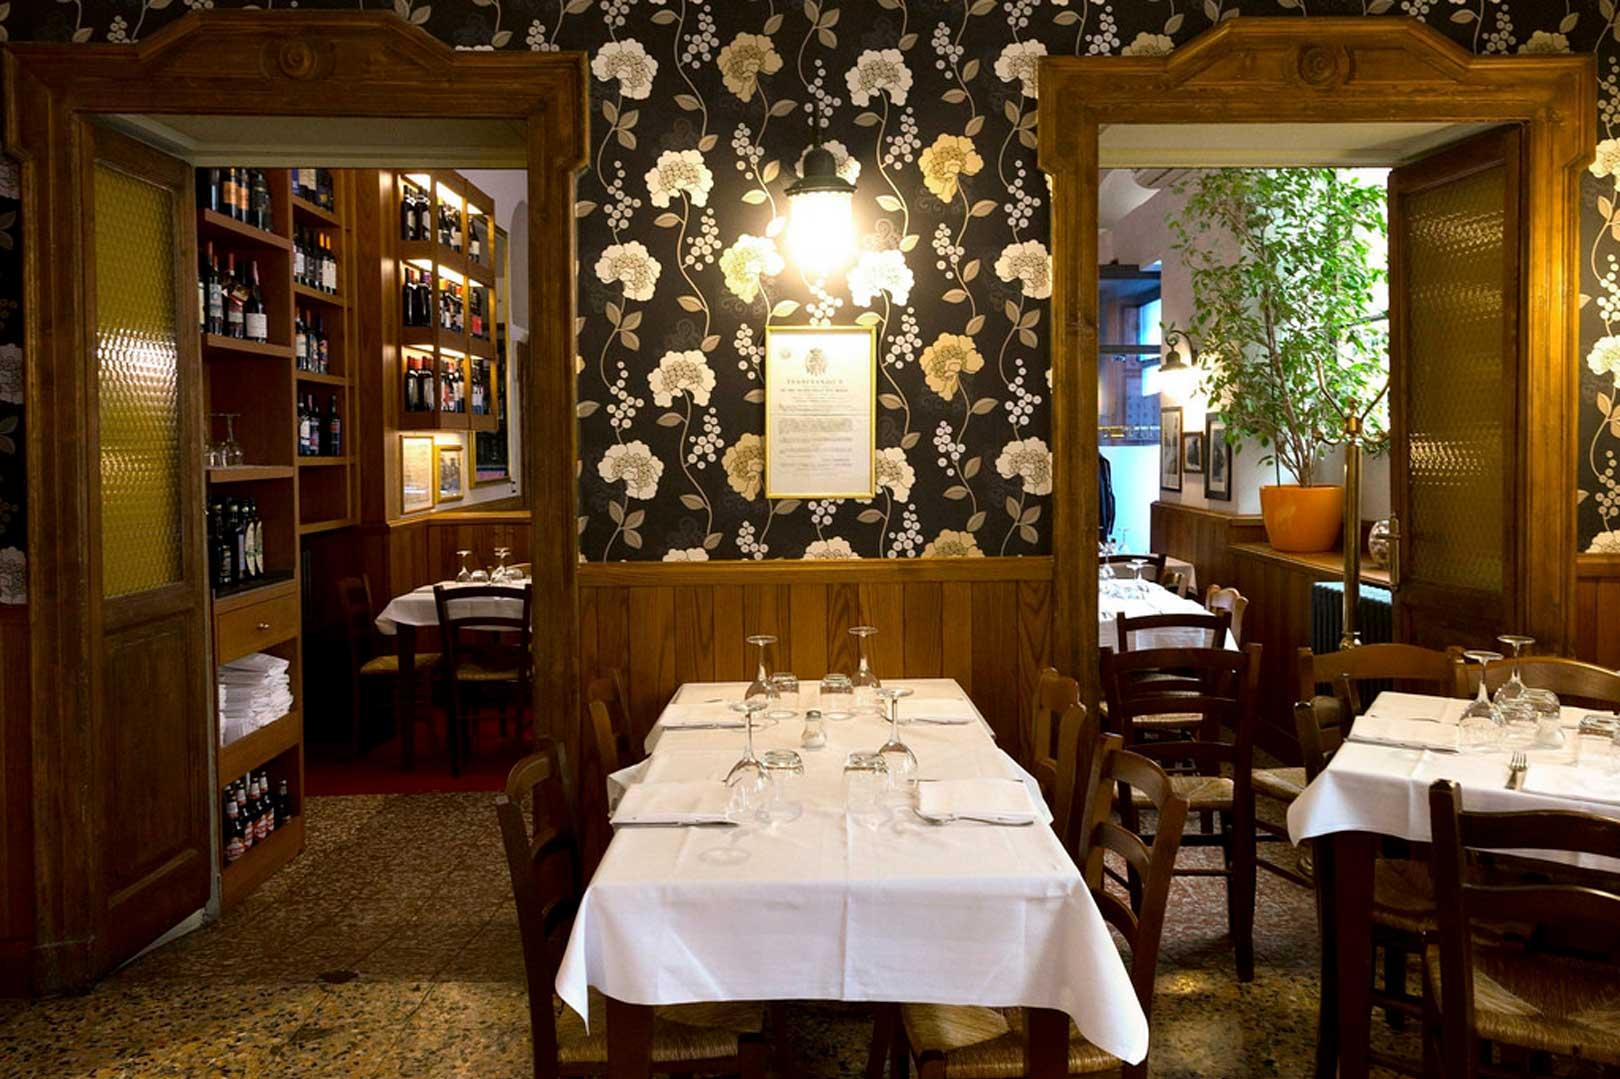 10-ristoranti-per-le-cene-di-natale-con-i-colleghi-dongio